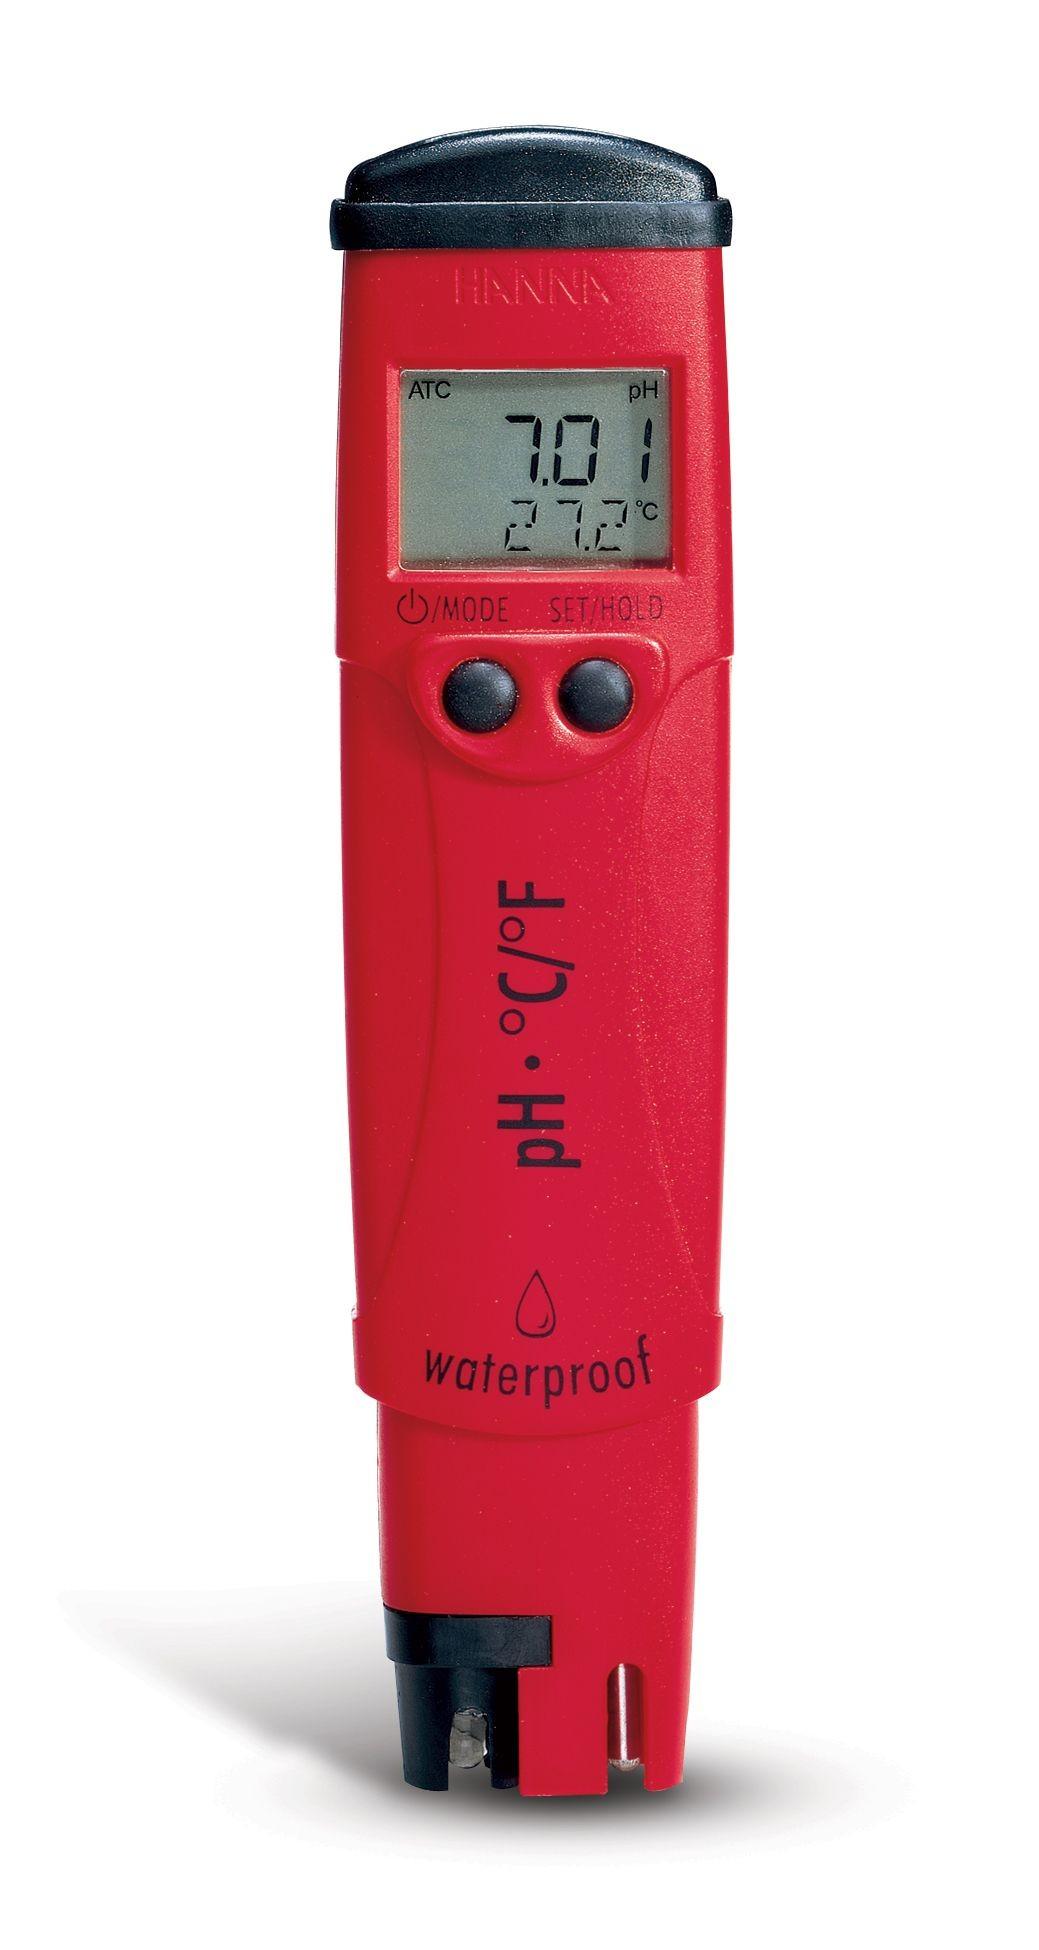 Medidor de pH y temperatura pHep 4 (HI 98127) Waterproof